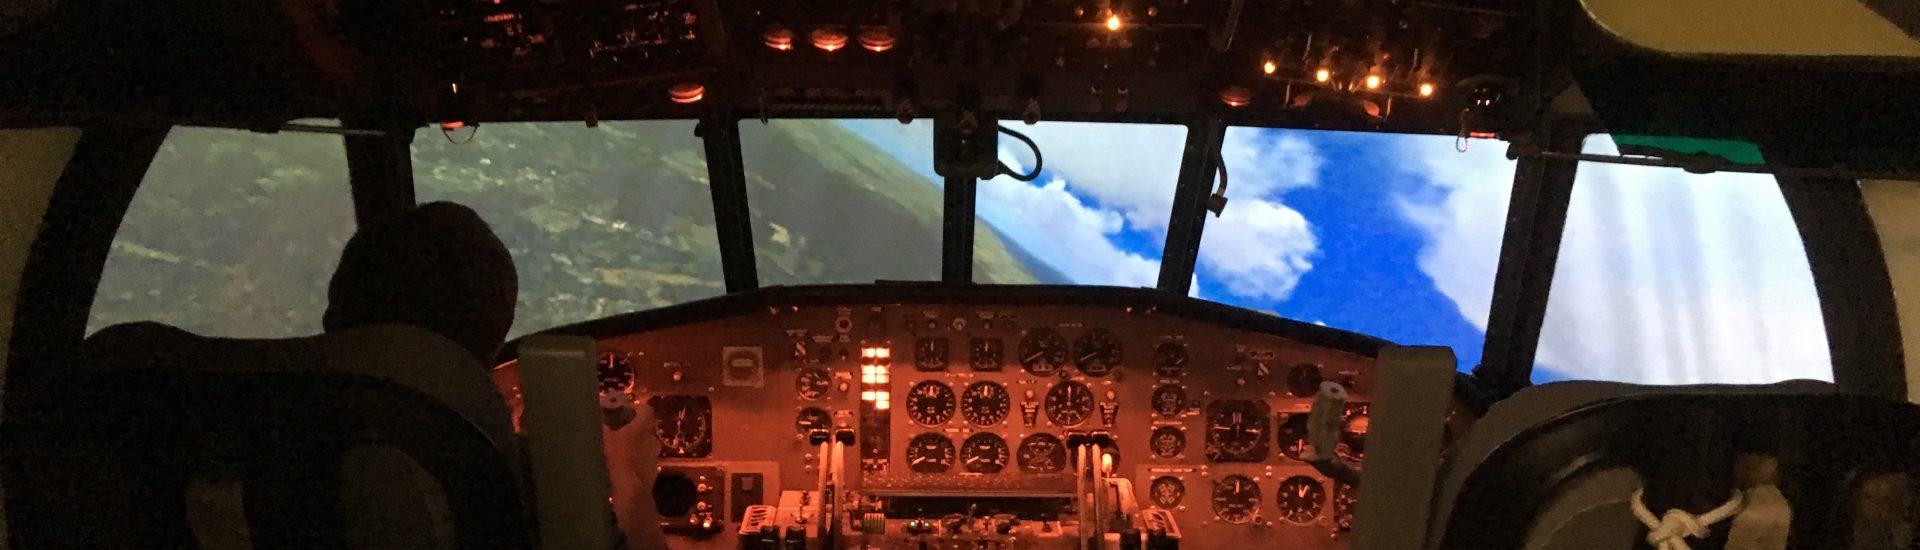 Breguet Atlantic Simulator Aeronauticum Nordholz